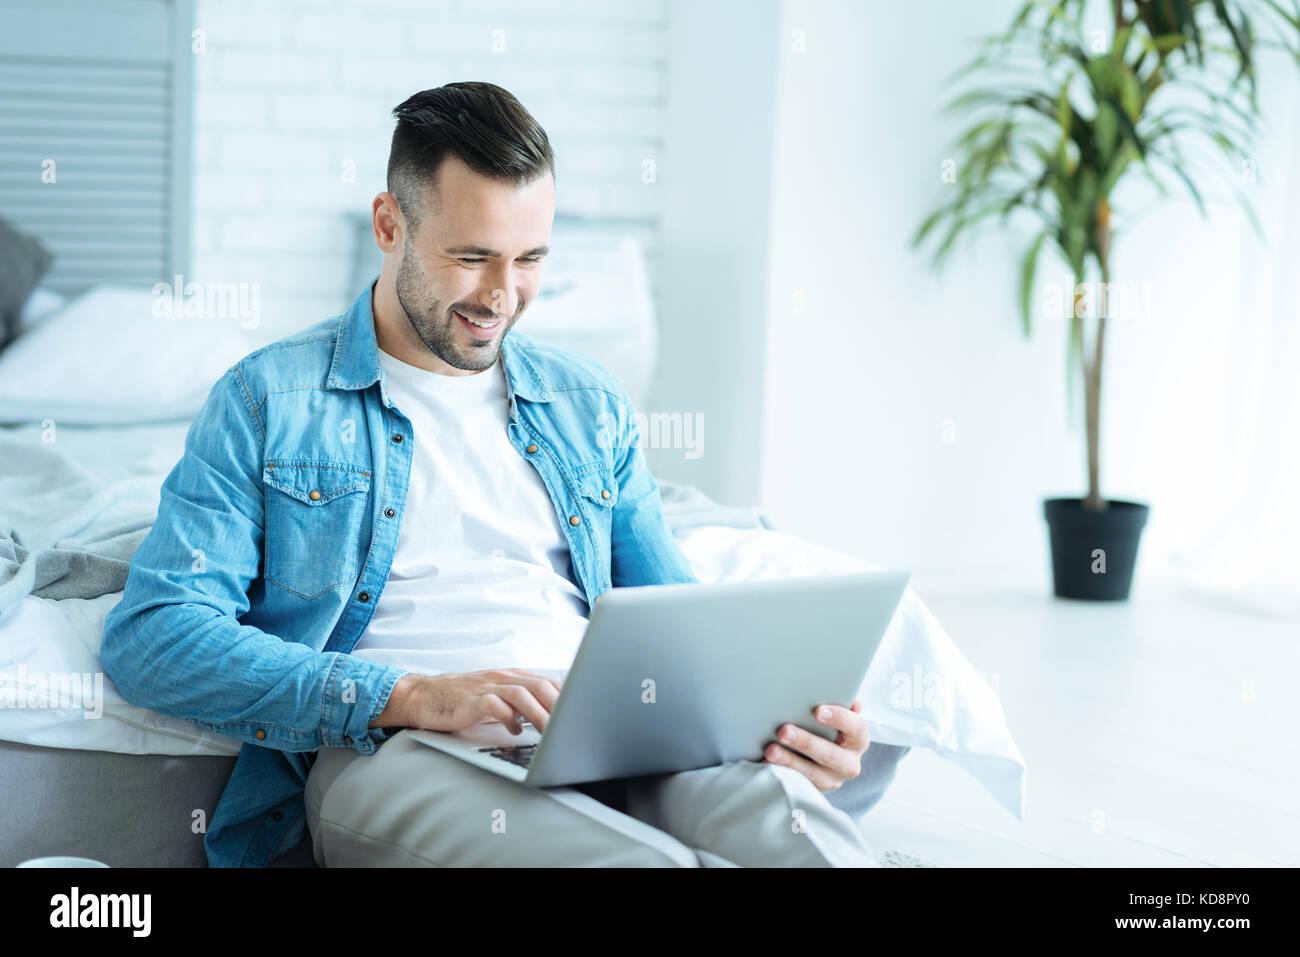 Hombre alegre una amplia sonrisa mientras se utiliza el portátil Imagen De Stock